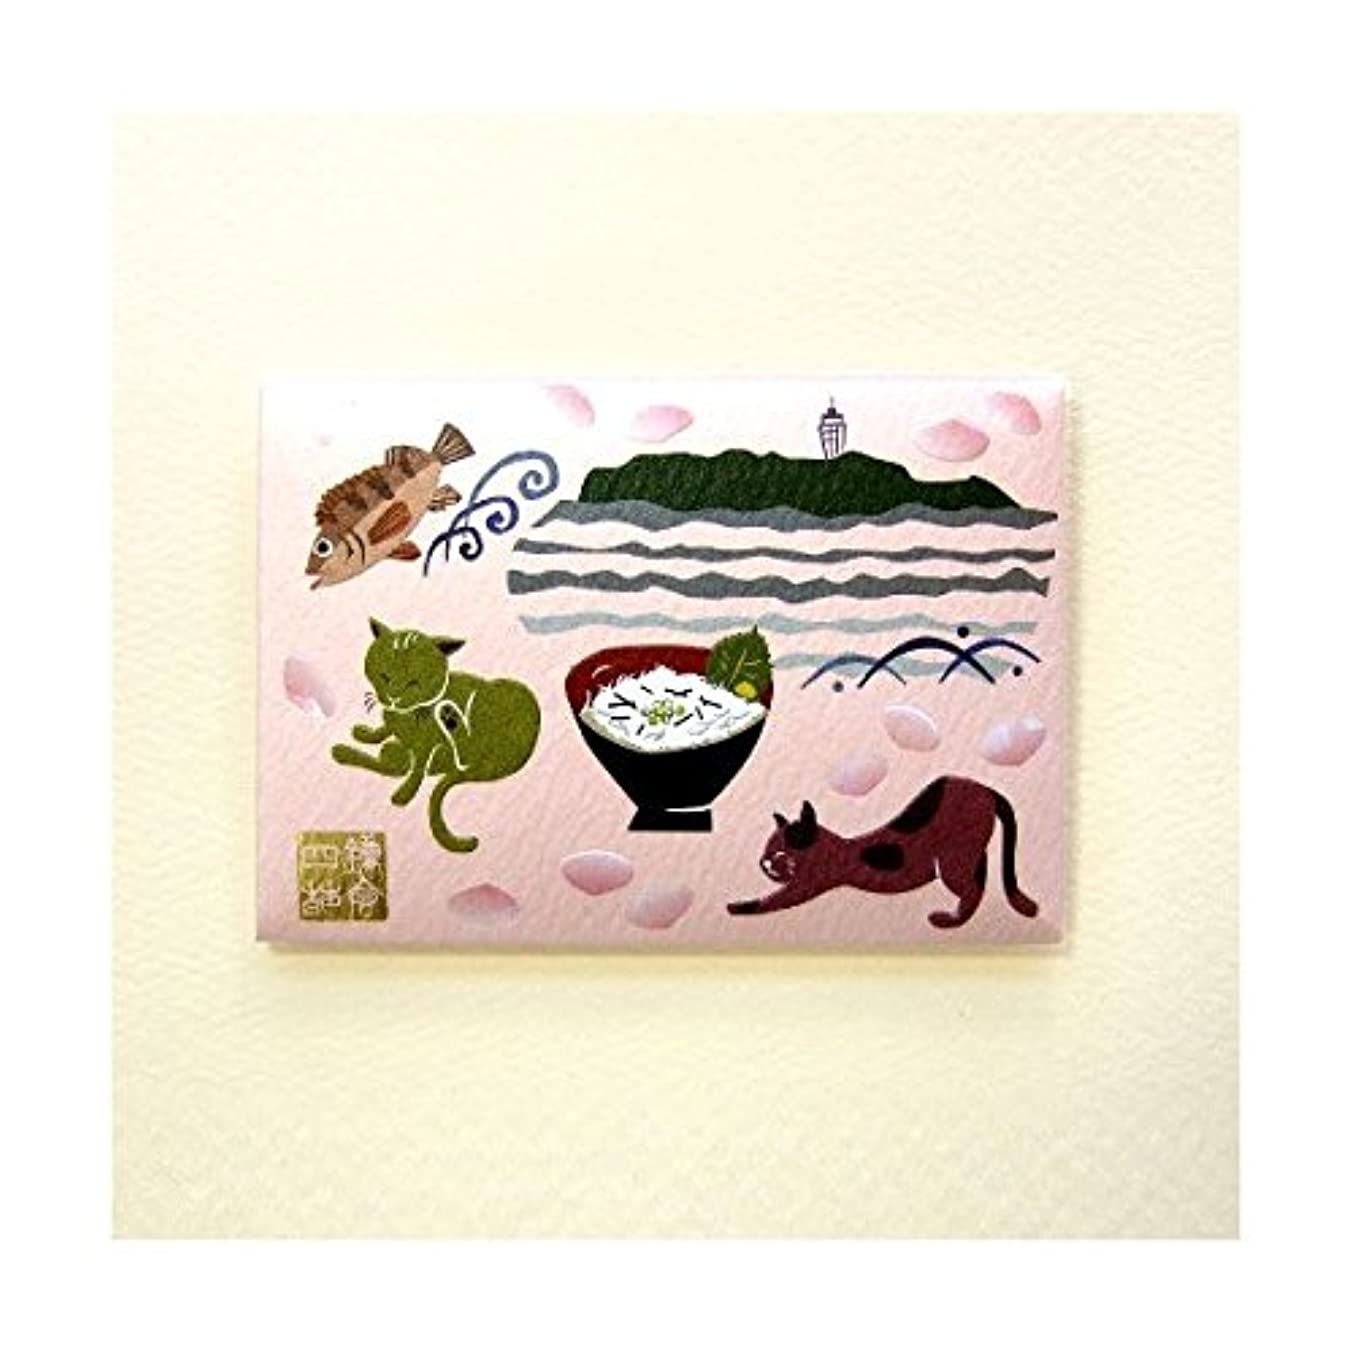 印刷する不変つかまえる散策シリーズ 「江の島散策」 短冊サイズ